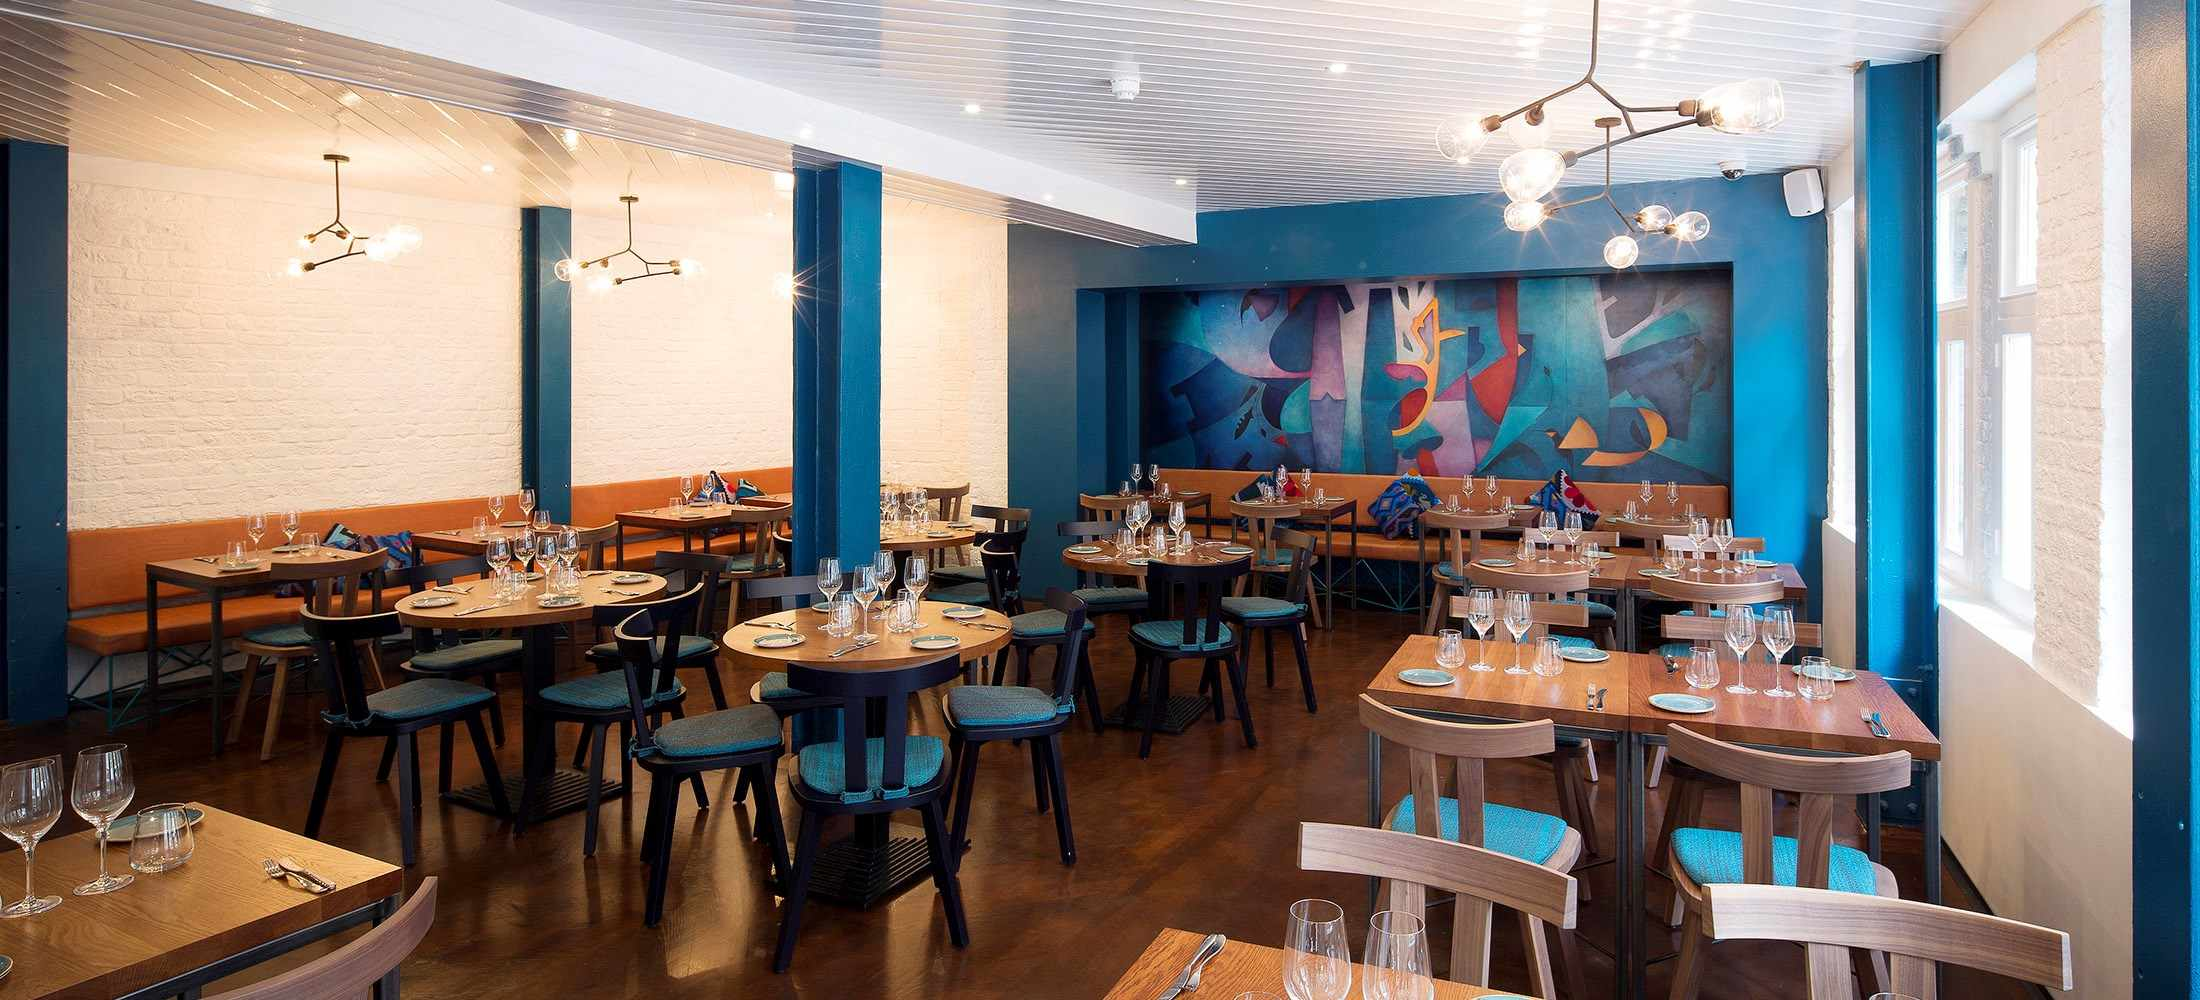 Covent Garden Restaurants